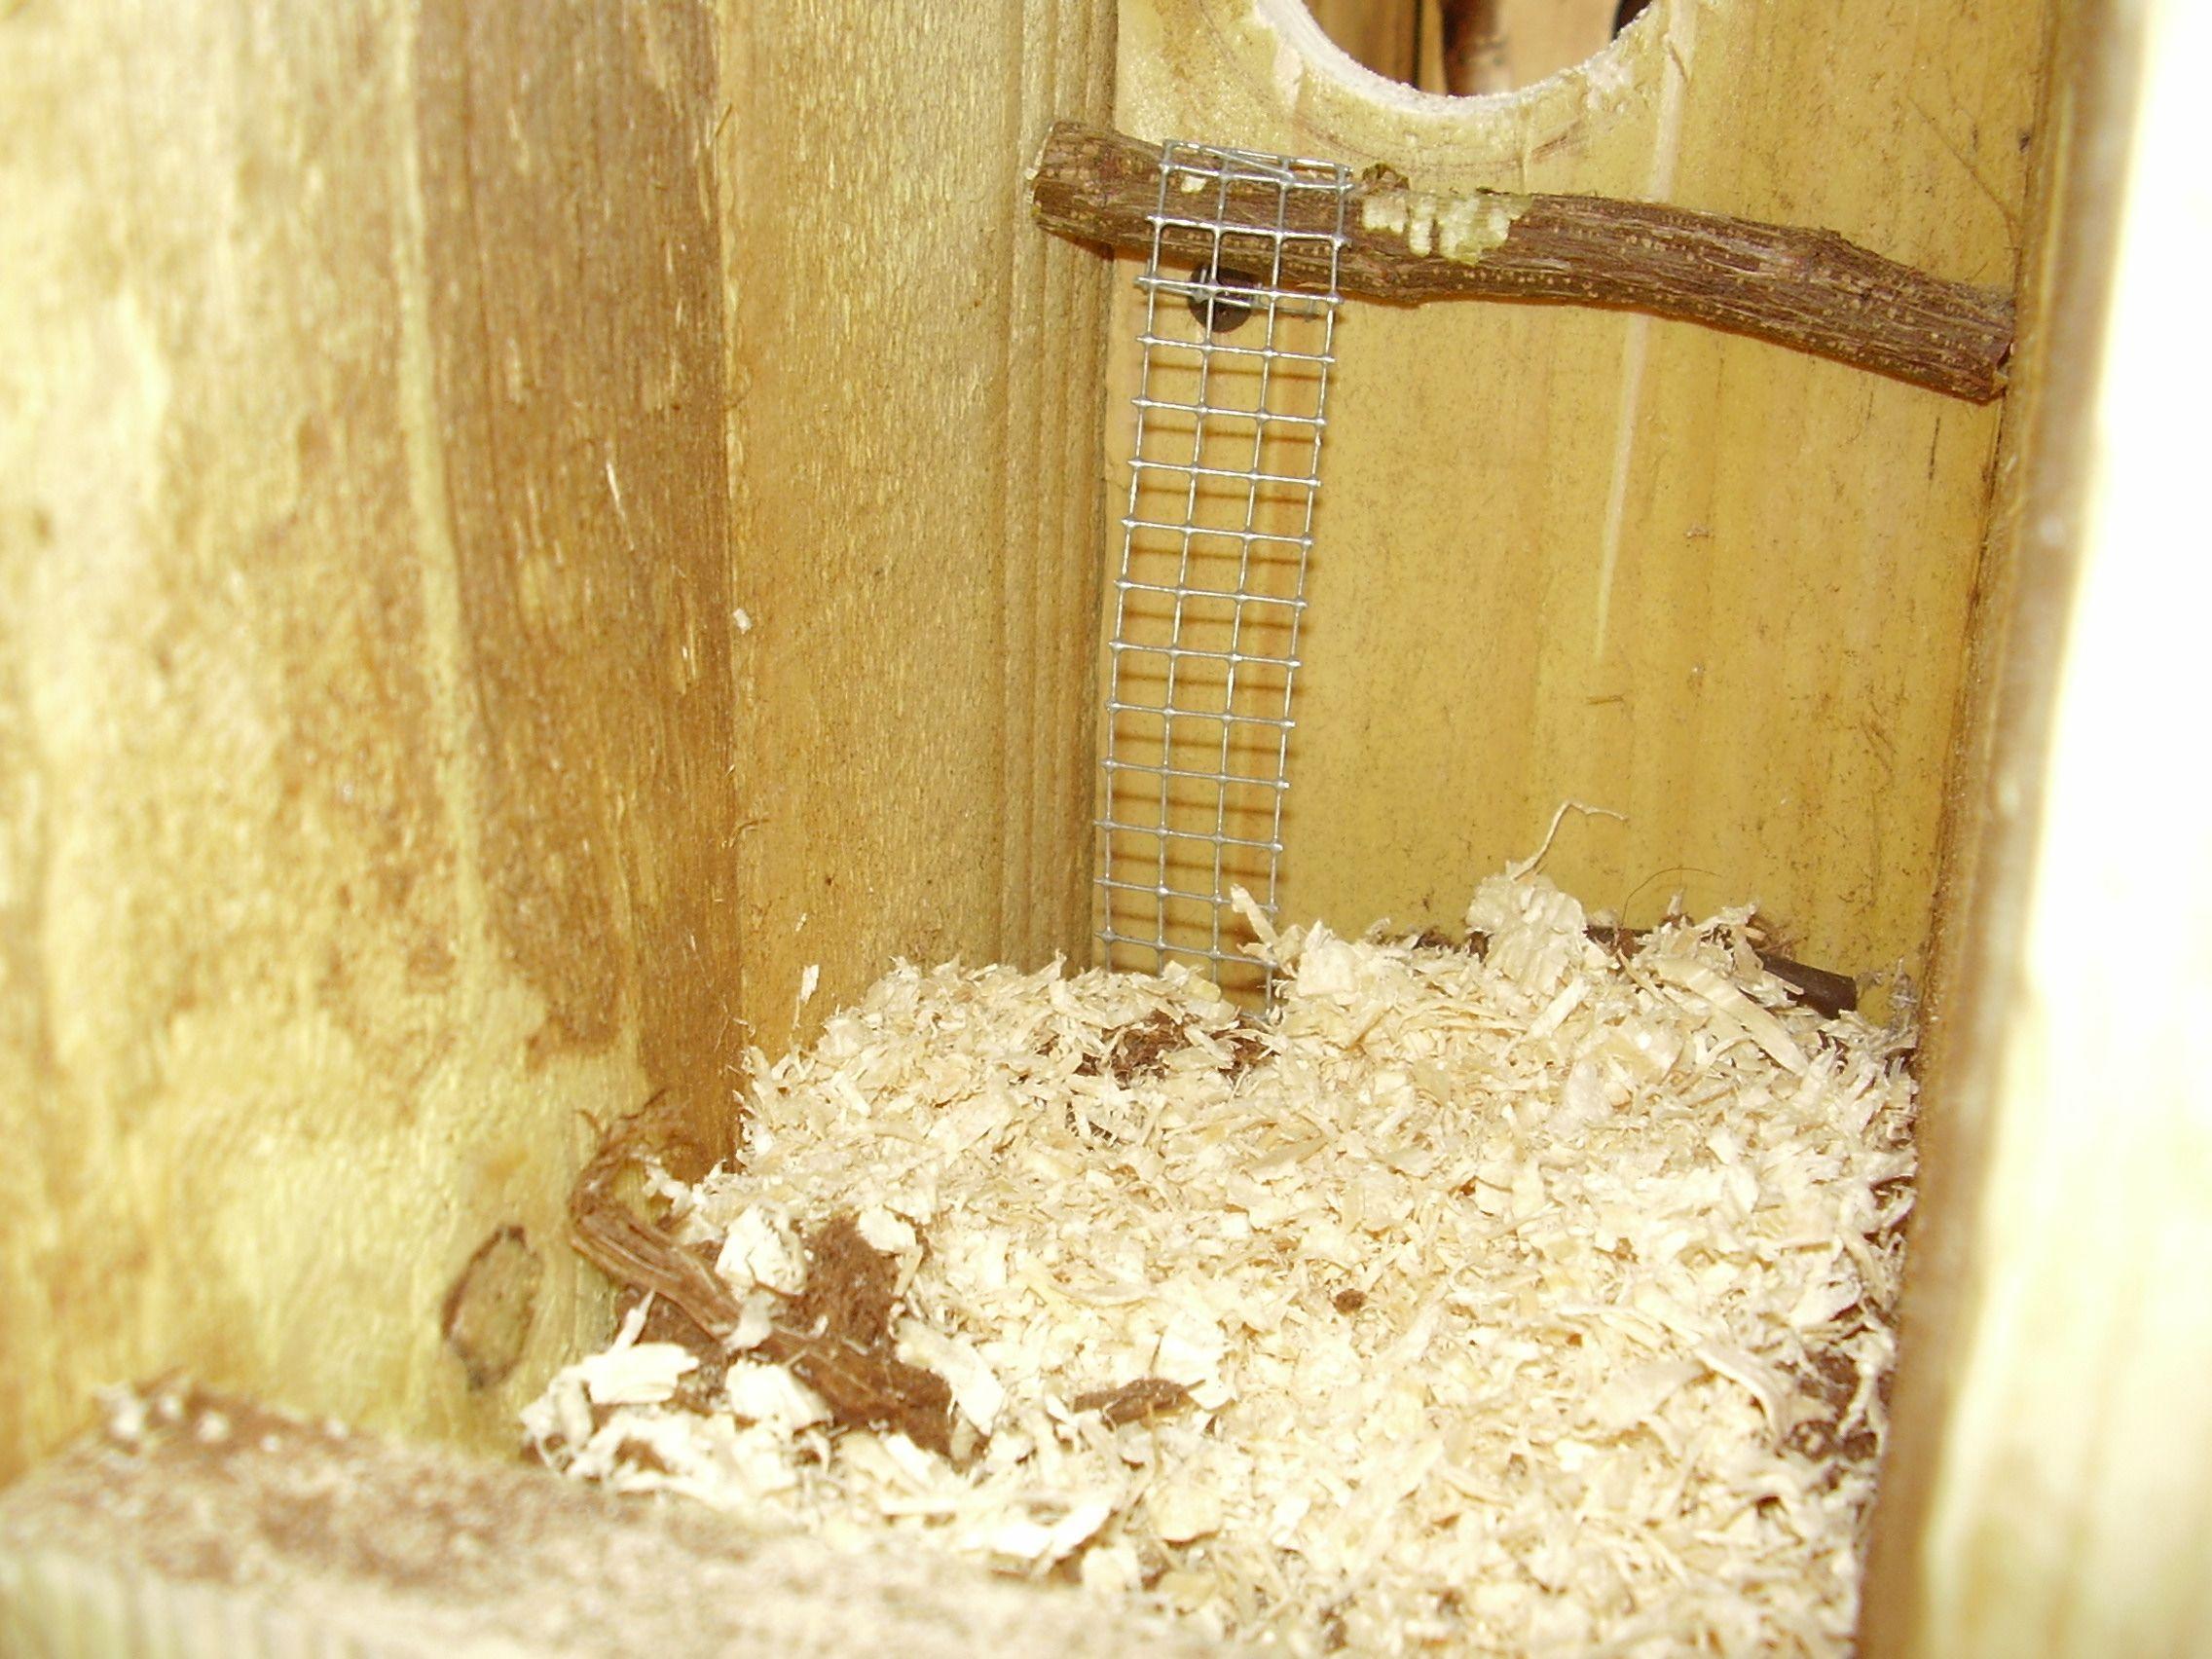 Interieur d 39 un nid quoi mettre for Copeaux de bois pour fumoir